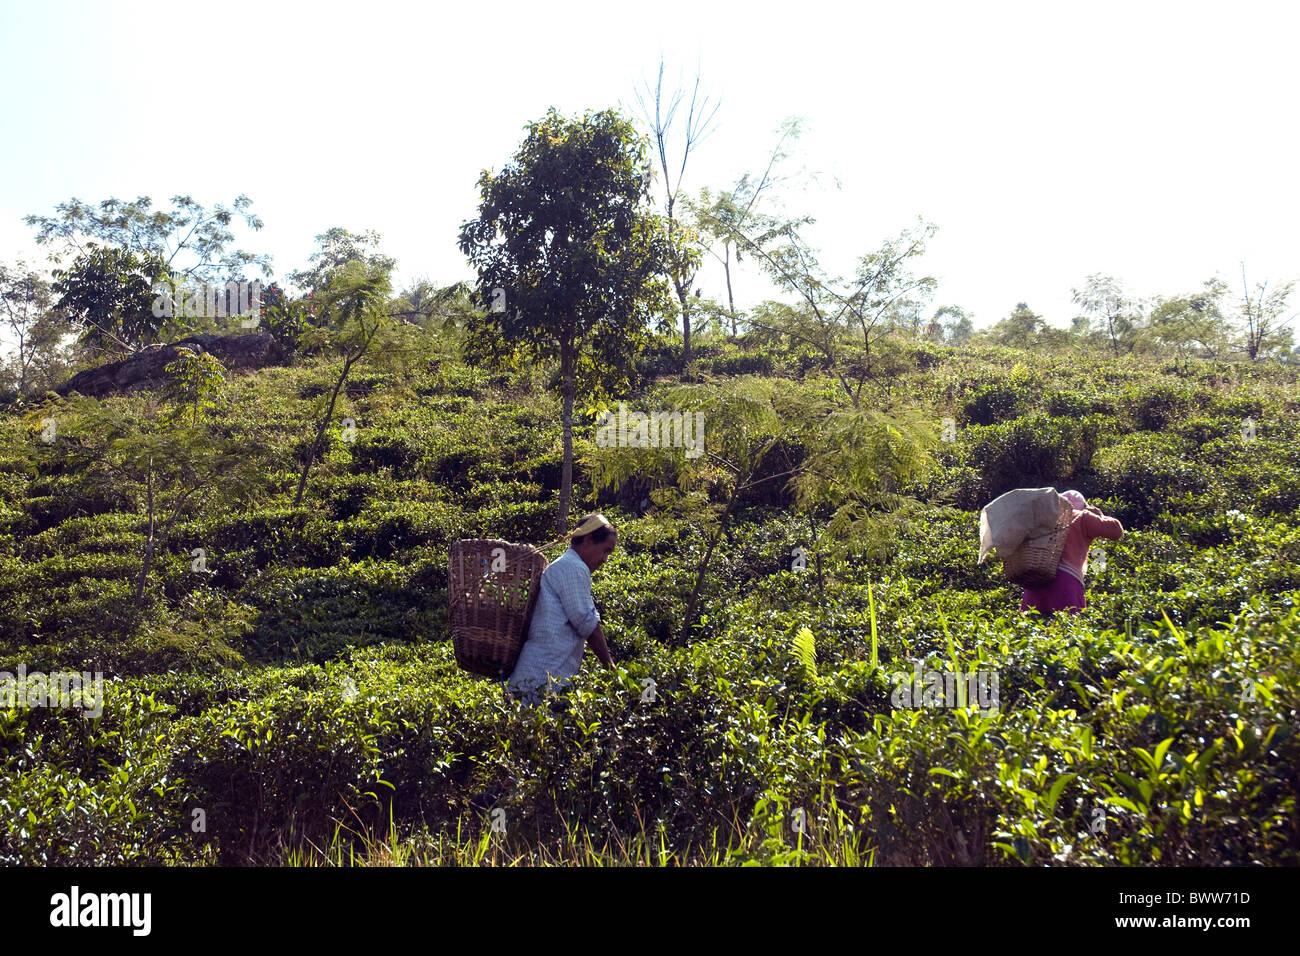 En extensas plantaciones de té Darjeeling cercano trabajadores pluck unas hojas frescas de cada arbusto Imagen De Stock